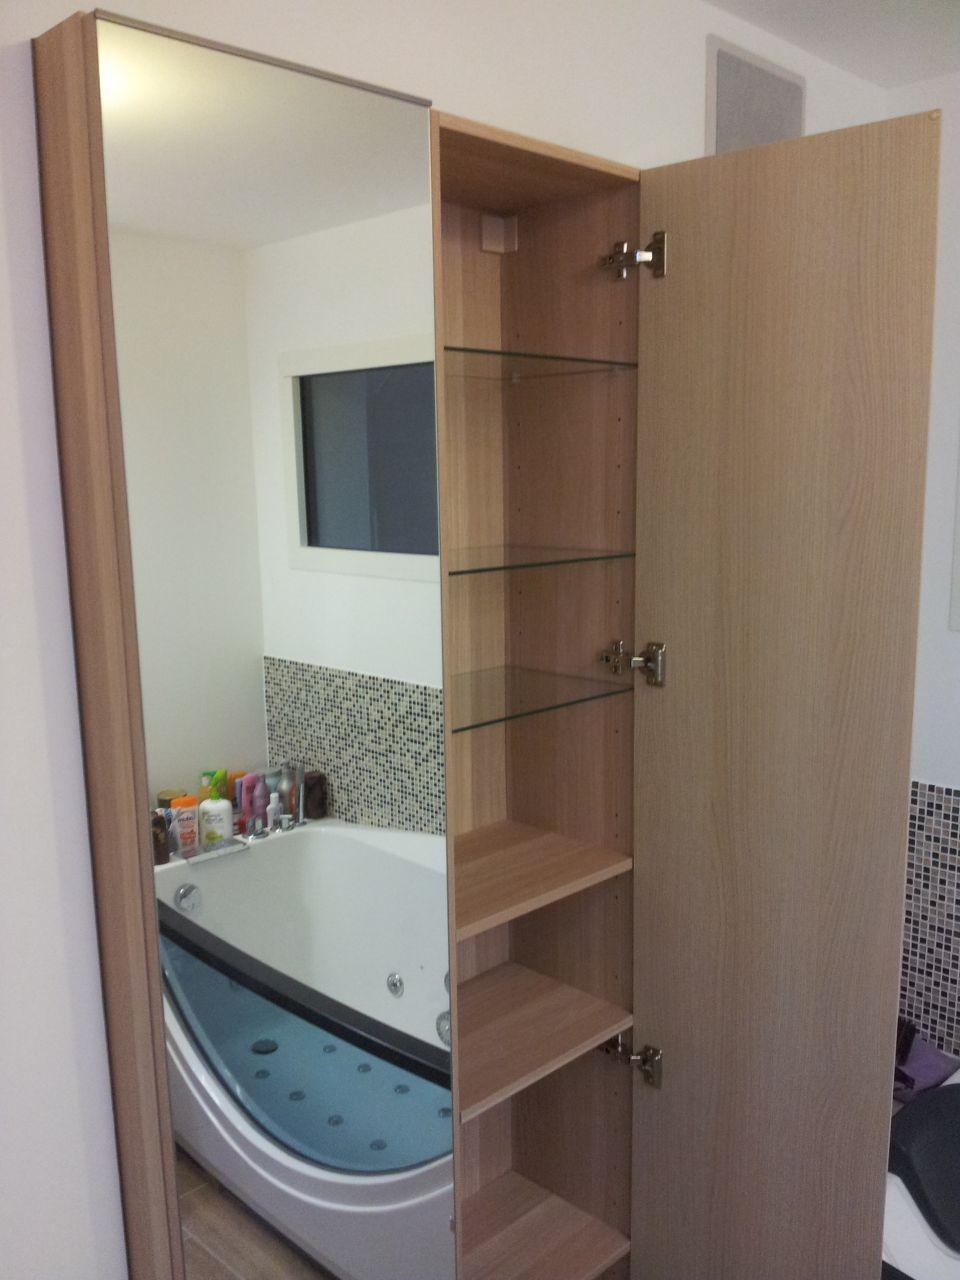 Toilettes pour invit s d coration salon moderne design - Cloison demontable chambre ...